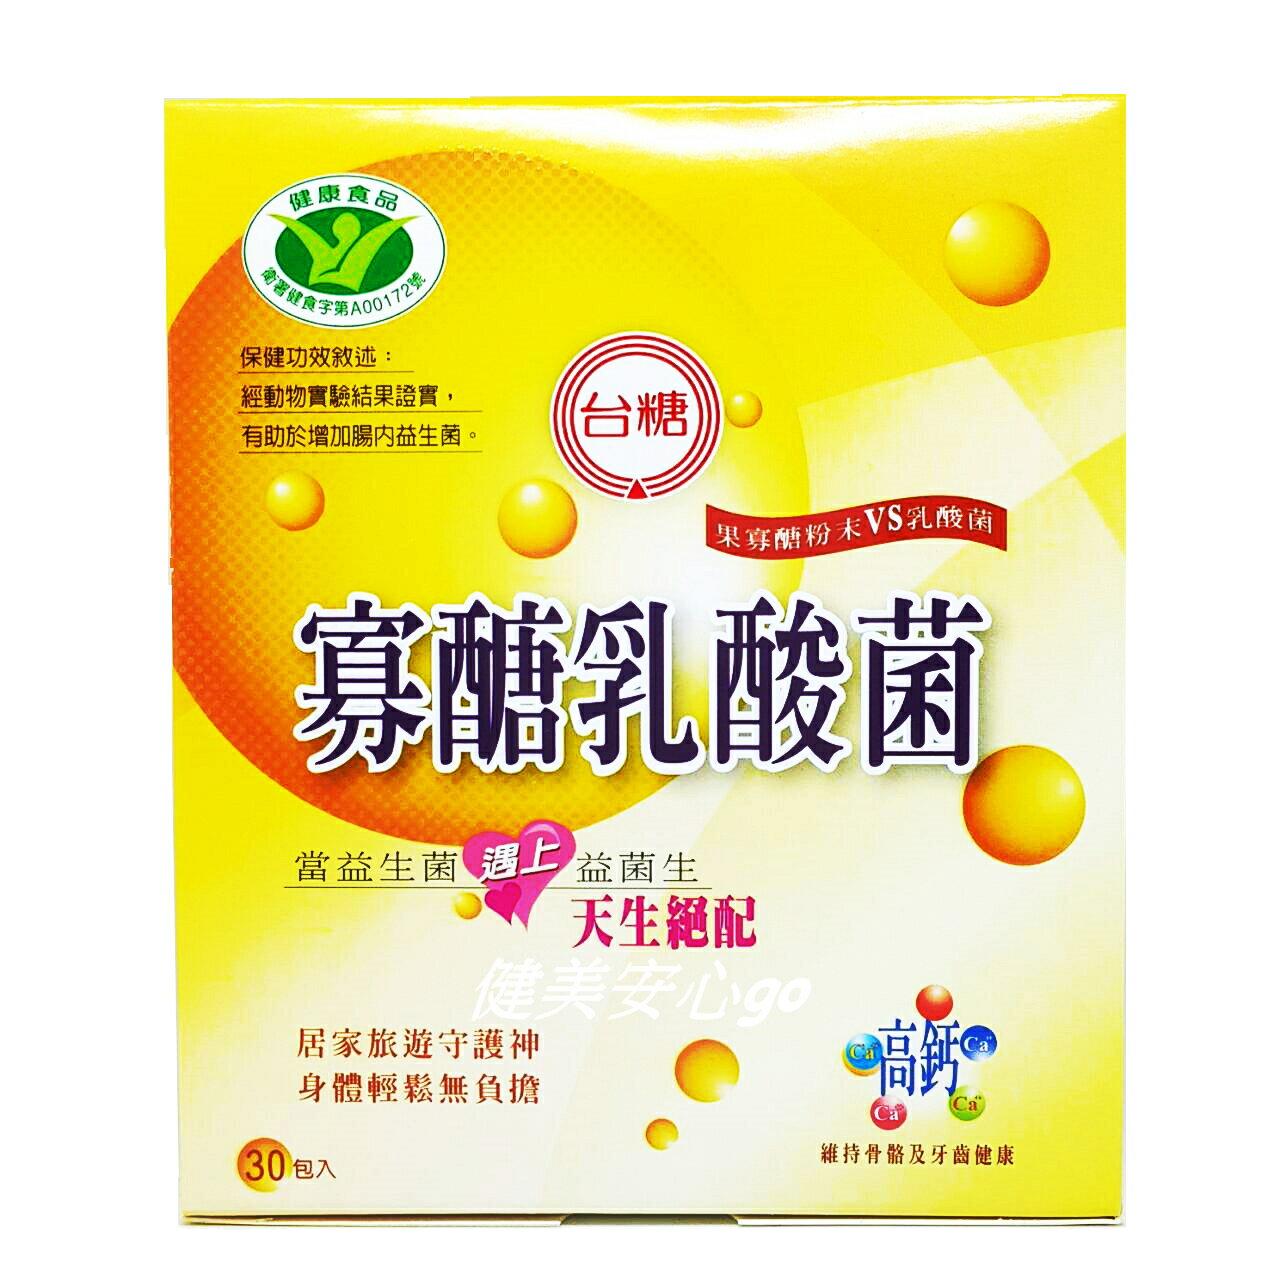 【台糖寡醣乳酸菌】1盒共30入 含果寡醣及活性乳酸菌 潘懷宗推薦 台糖寡糖乳酸菌